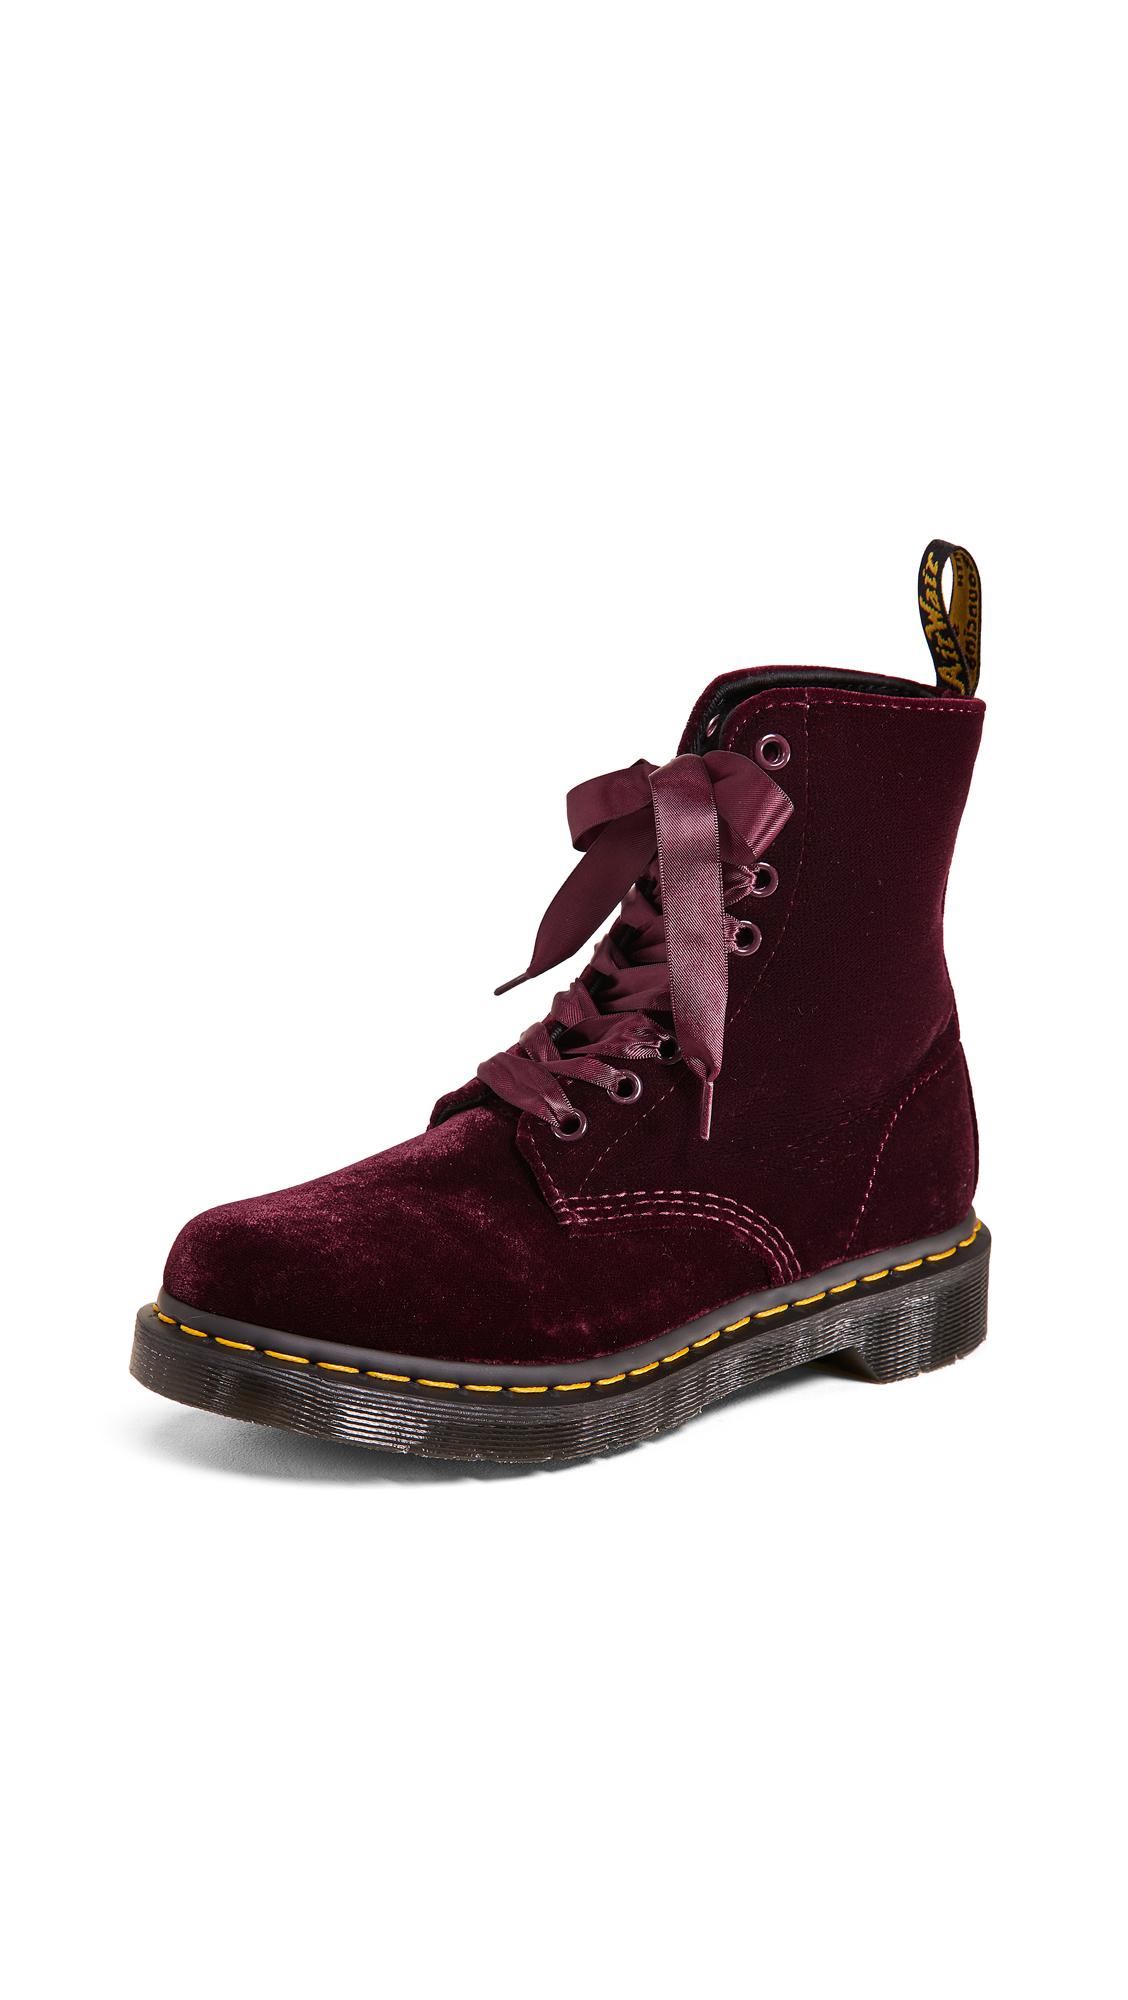 bcf616332 Dr. Martens 1460 Pascal Velvet 8 Eye Boots In Cherry Red   ModeSens